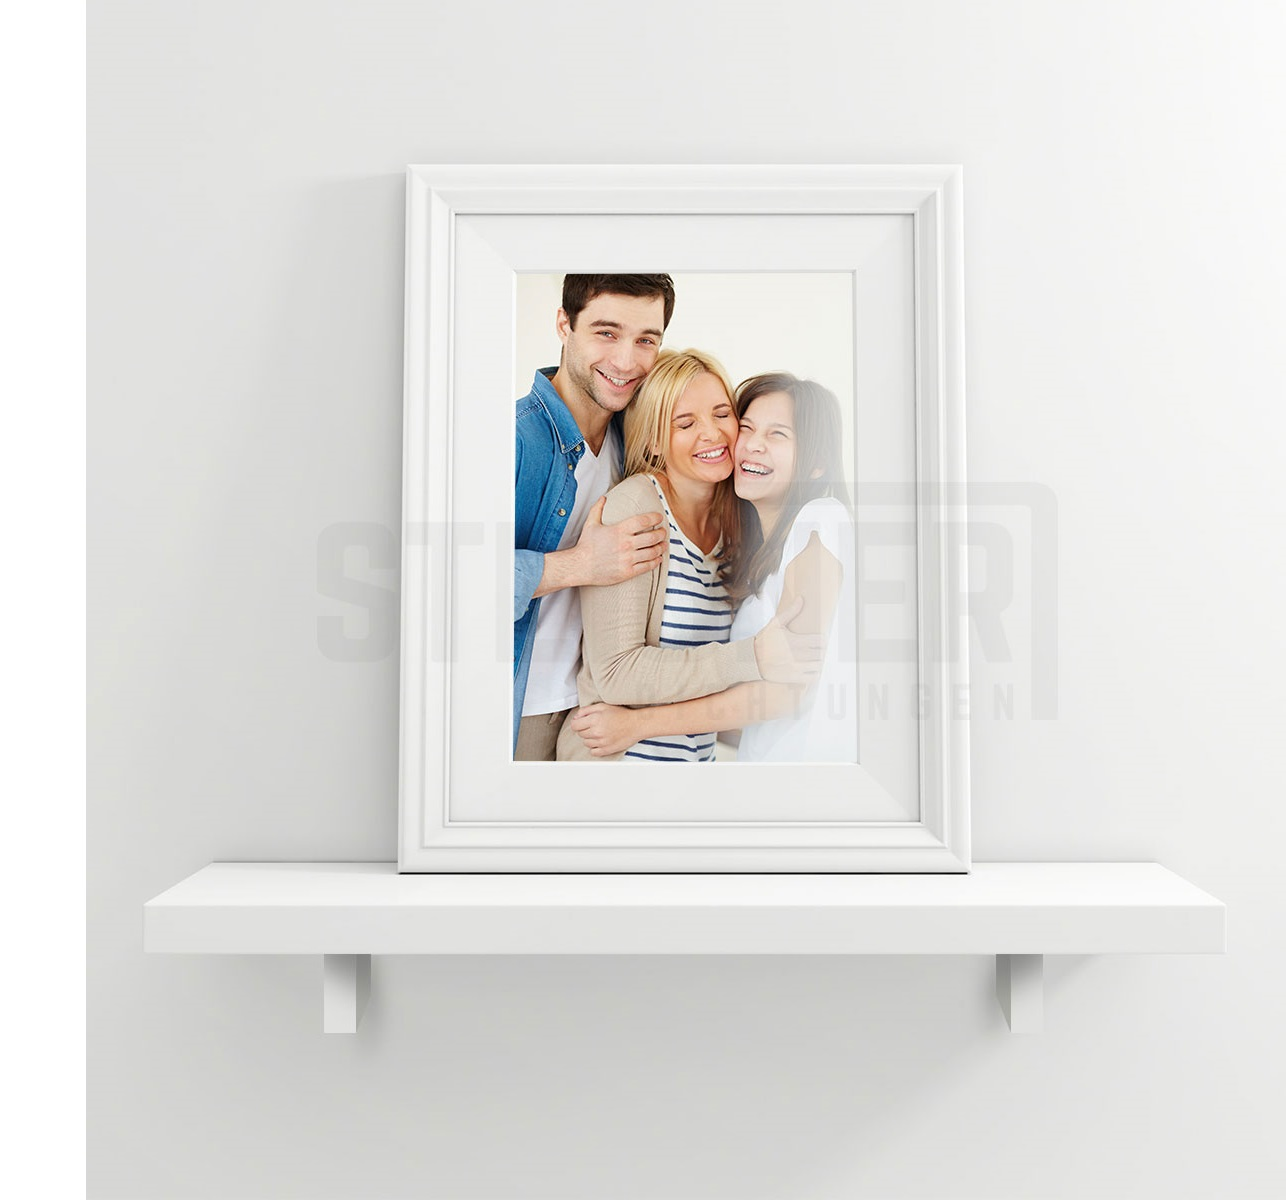 acrylic-doppelseitiges-klebeband2